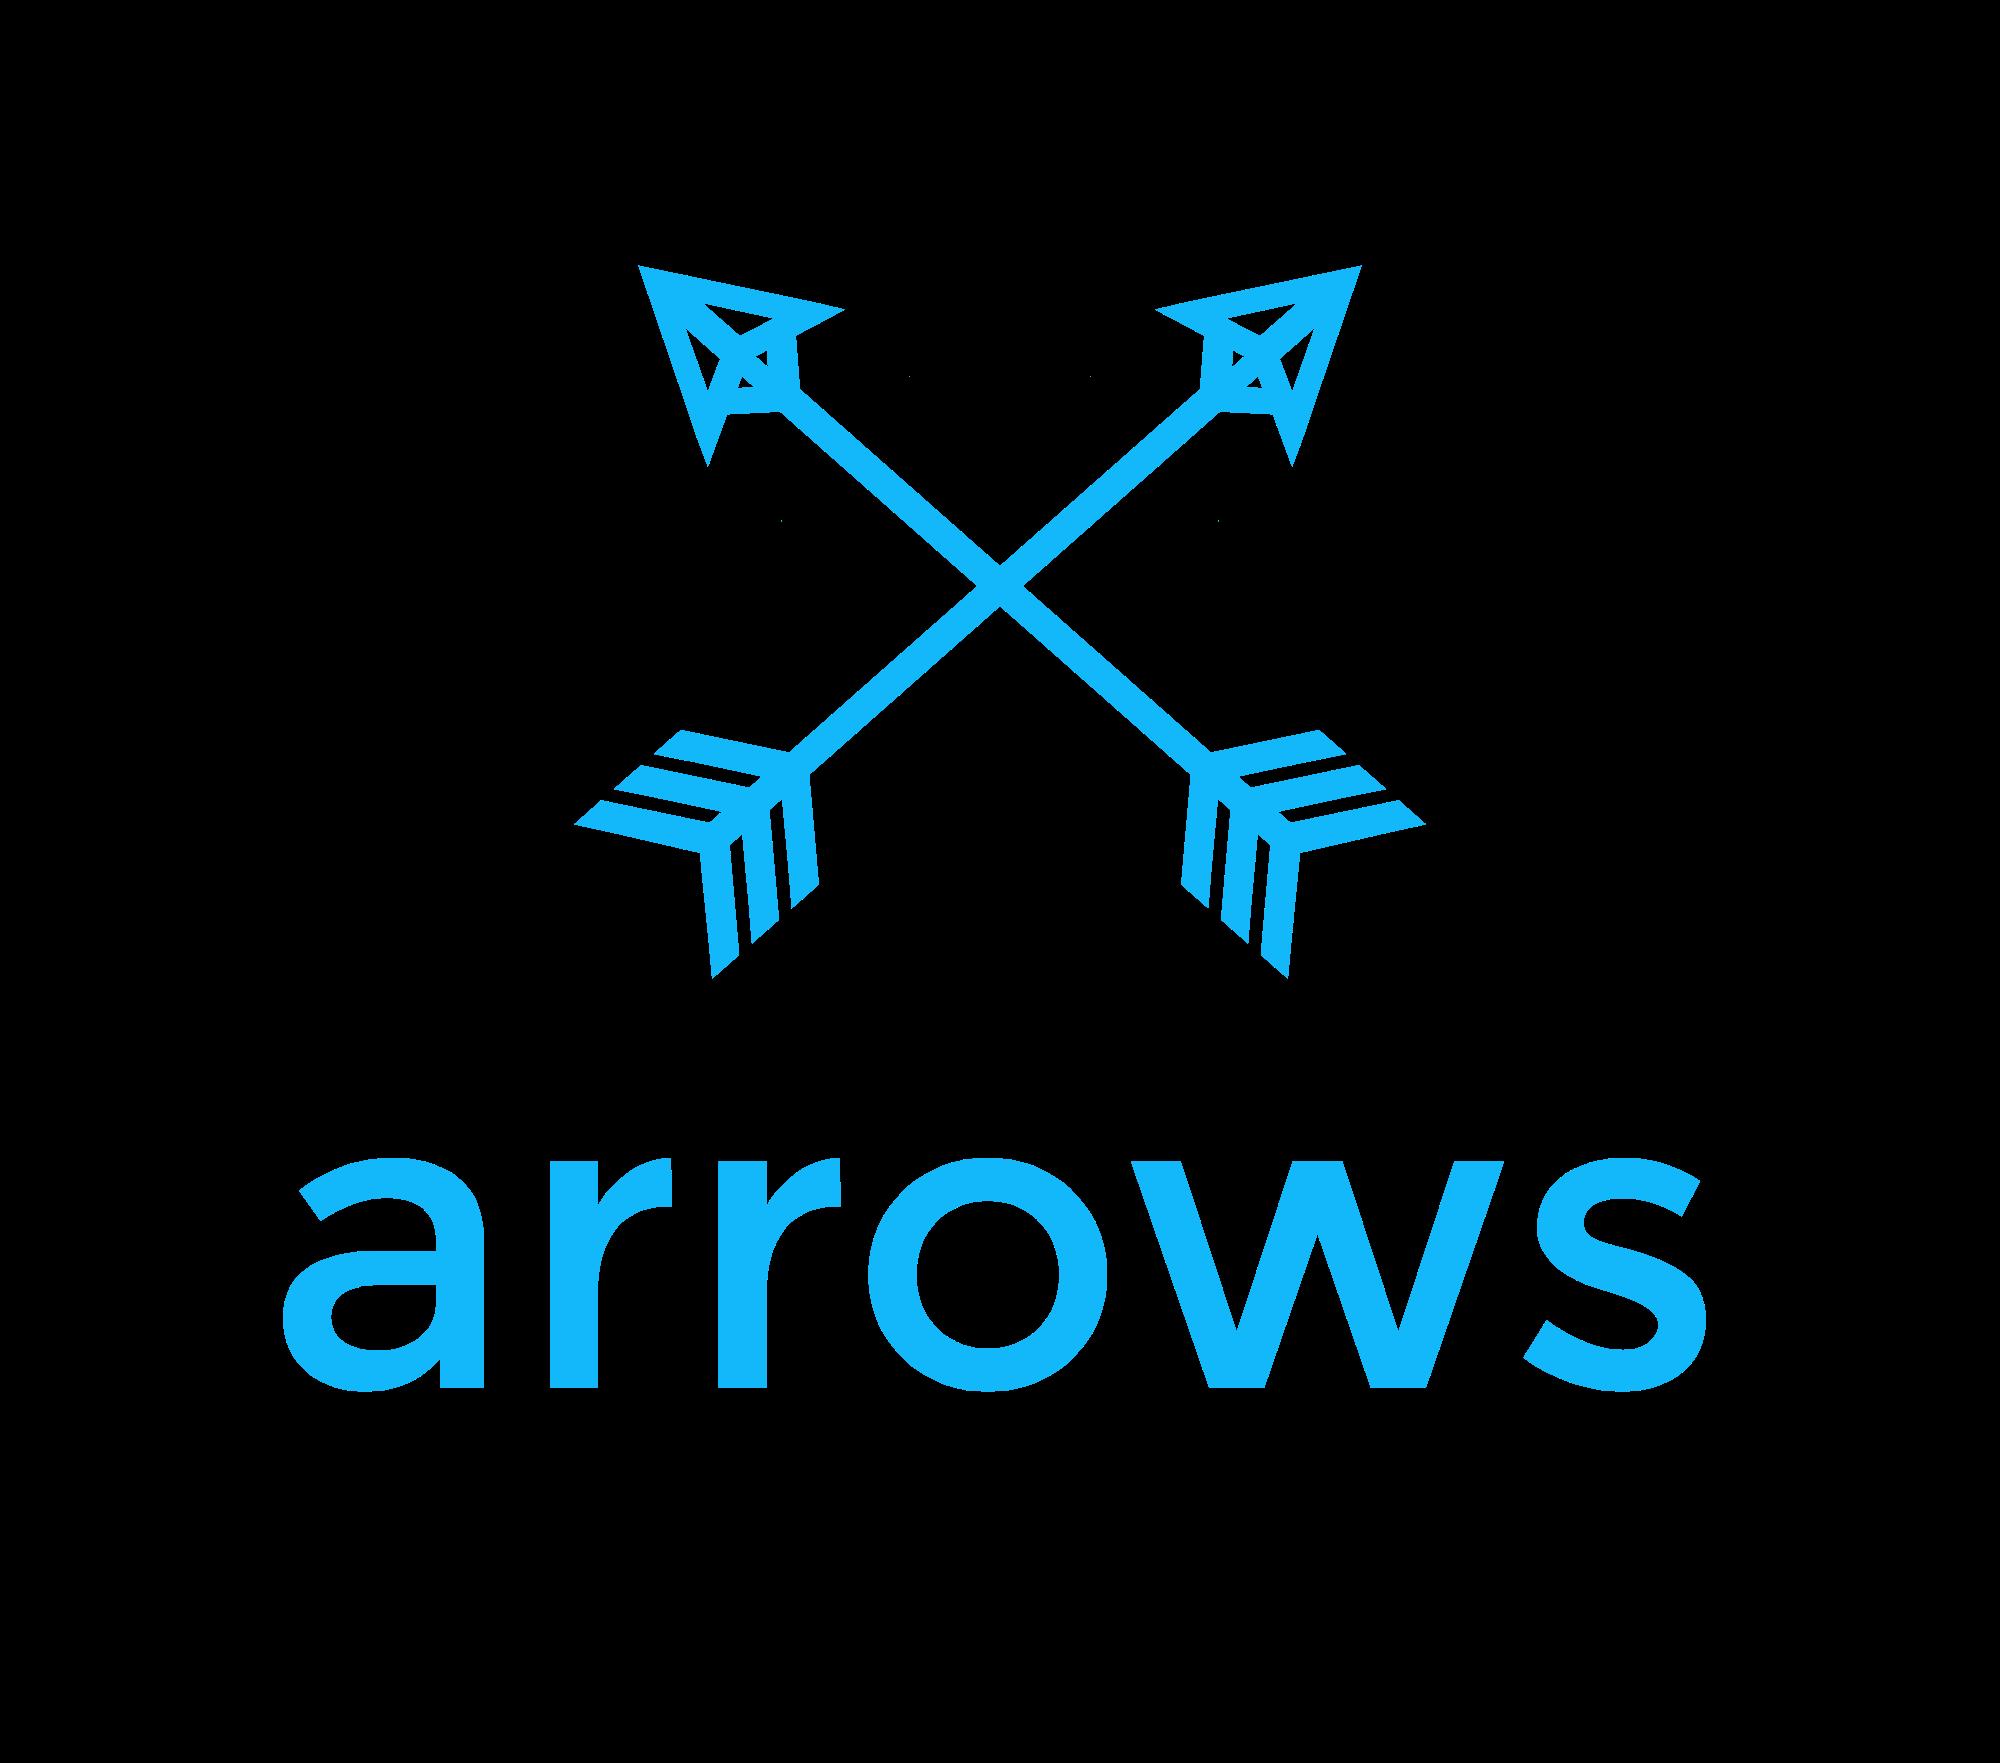 arrows logo.png